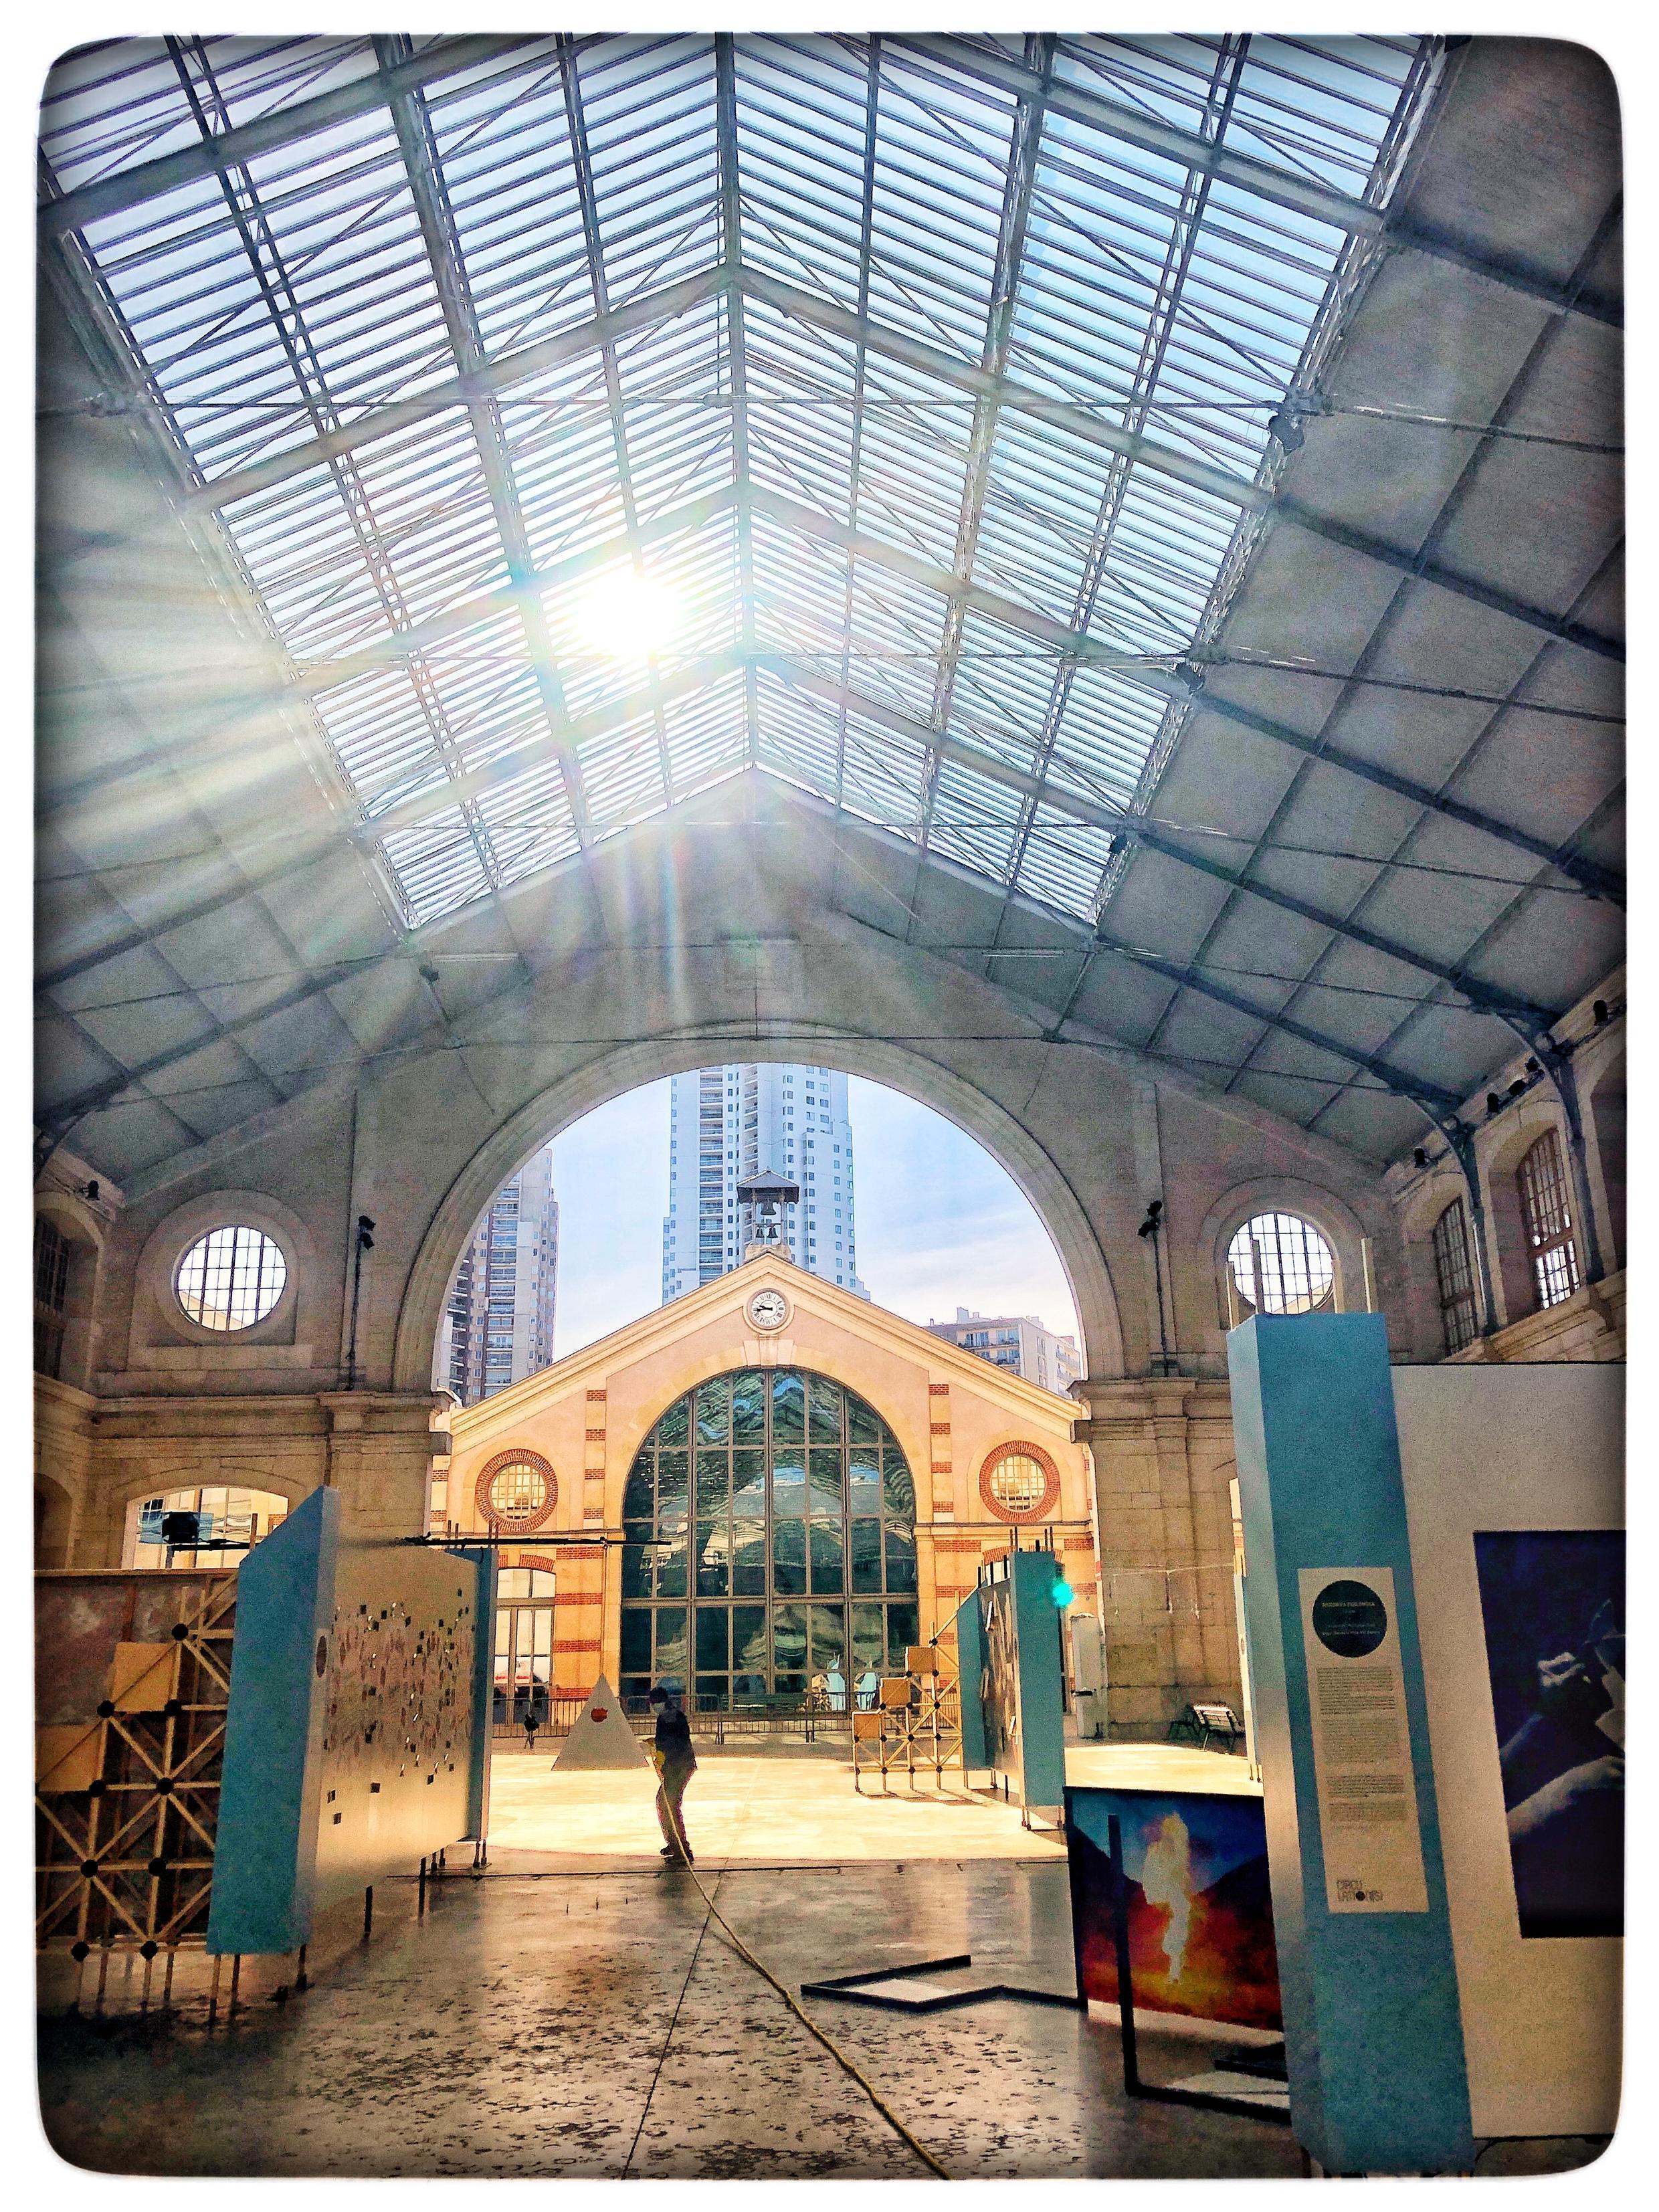 Espaço cultural Centquatre, no décimo nono bairro de Paris.